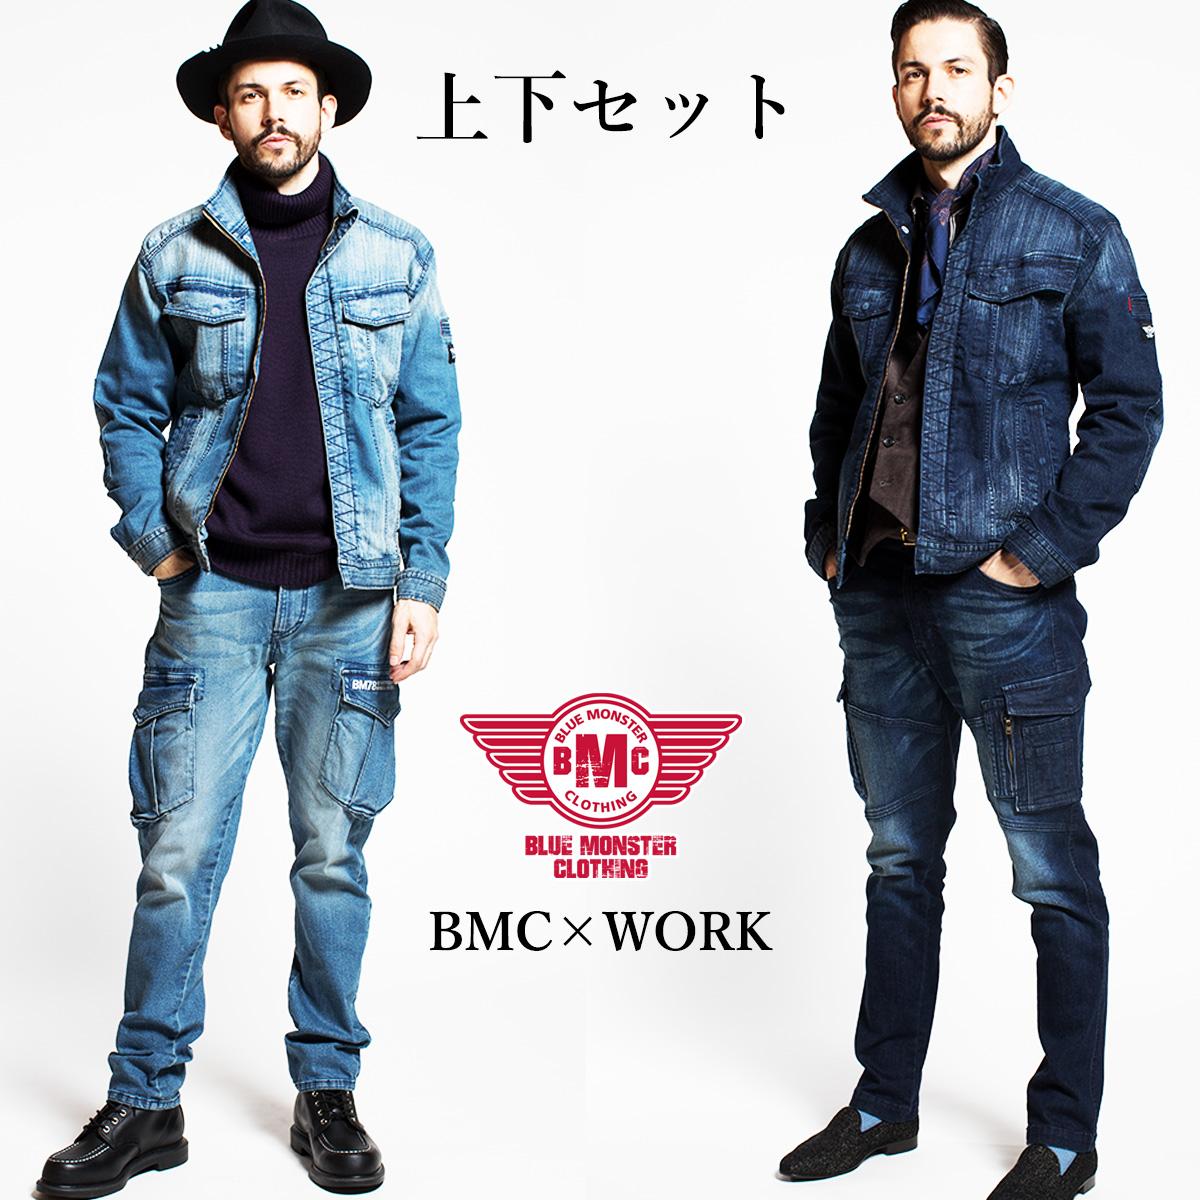 BMC ワークジャケット/カーゴパンツ メンズ 作業着 デニム 上下セット 選べる色とボトムスとサイズ ワークデニム セットアップ オリジナル ダークブルー/ライトブルー S-5L